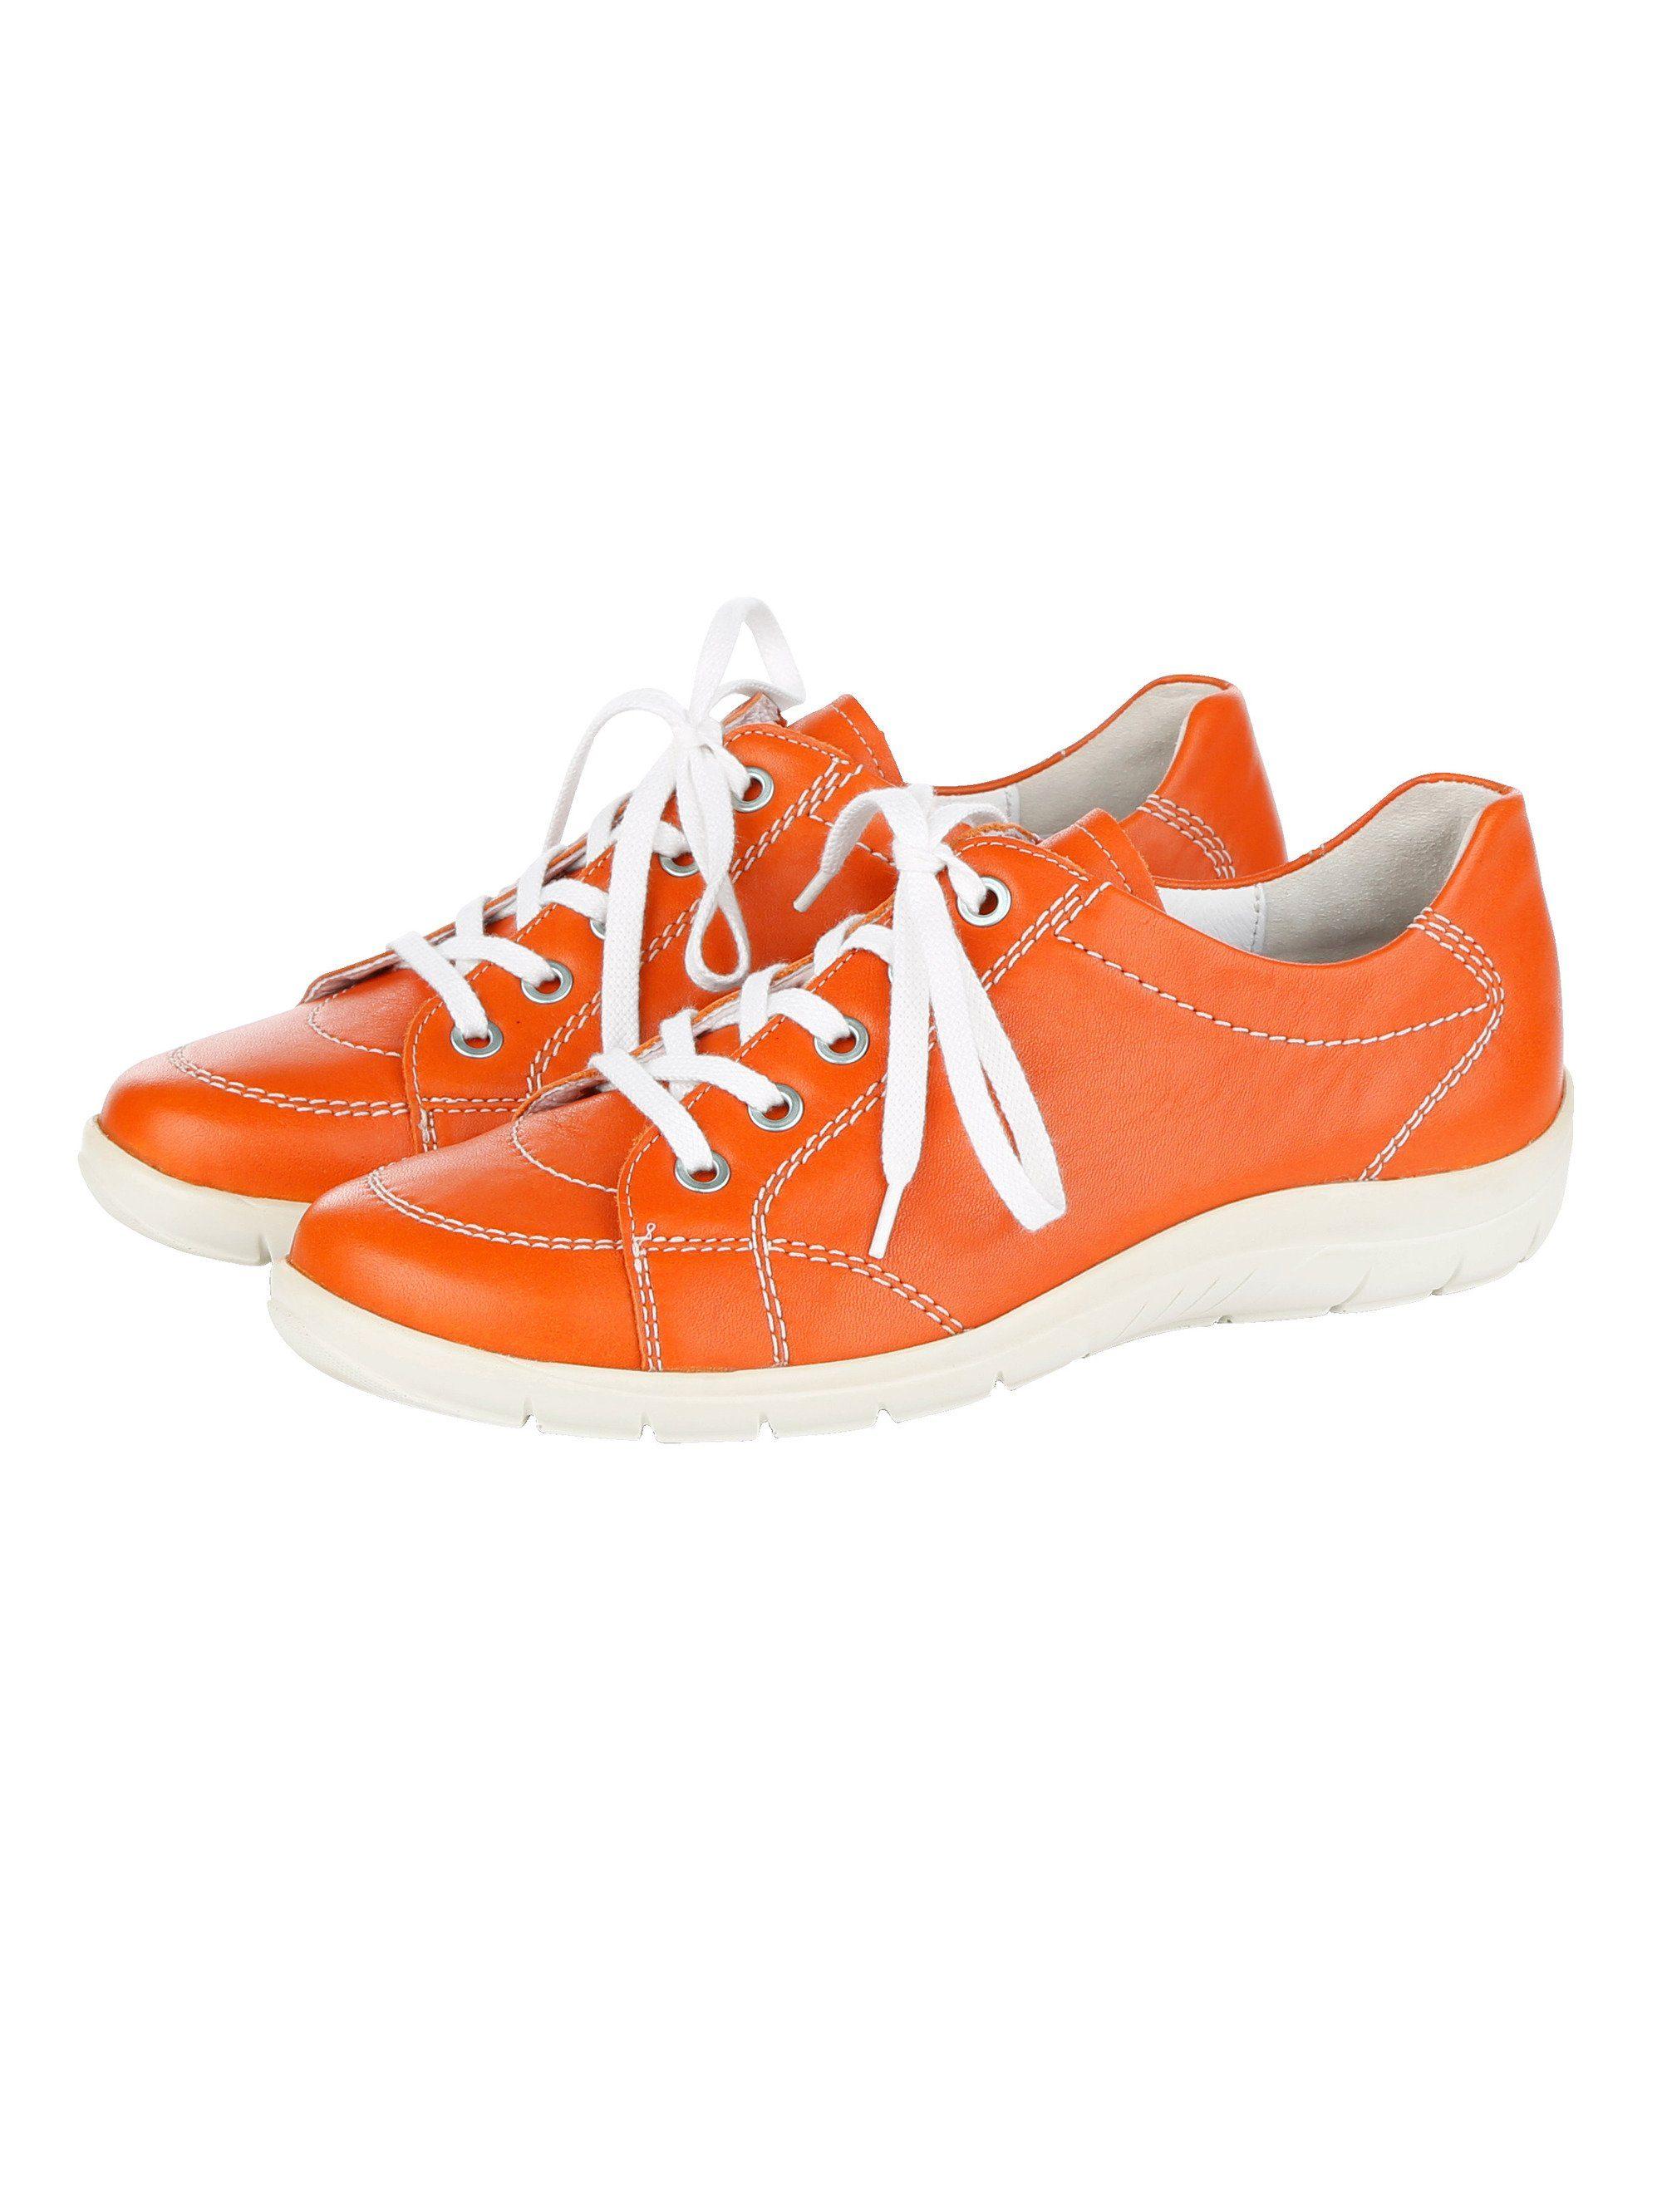 Naturläufer Schnürschuh online kaufen  orange